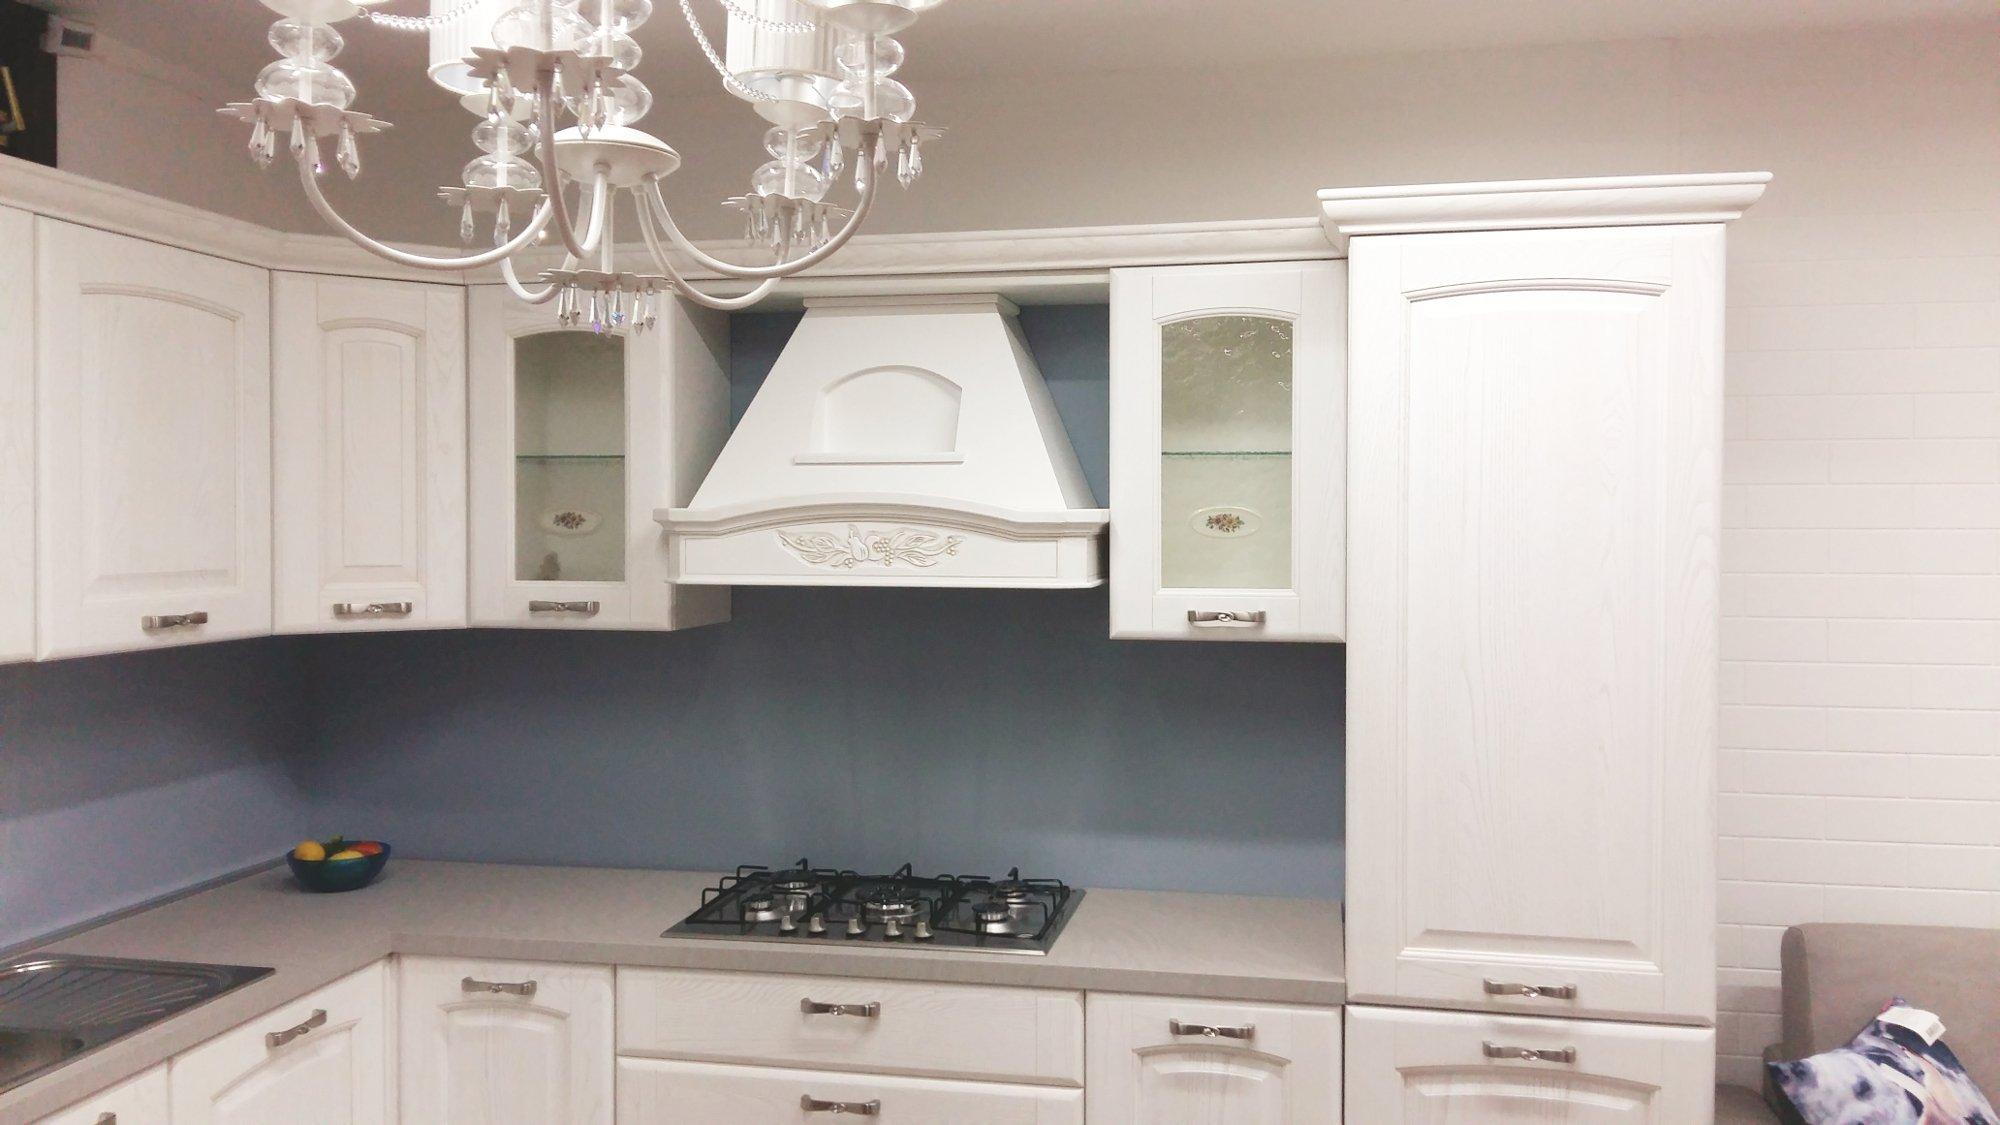 una cucina angolare  in legno di color